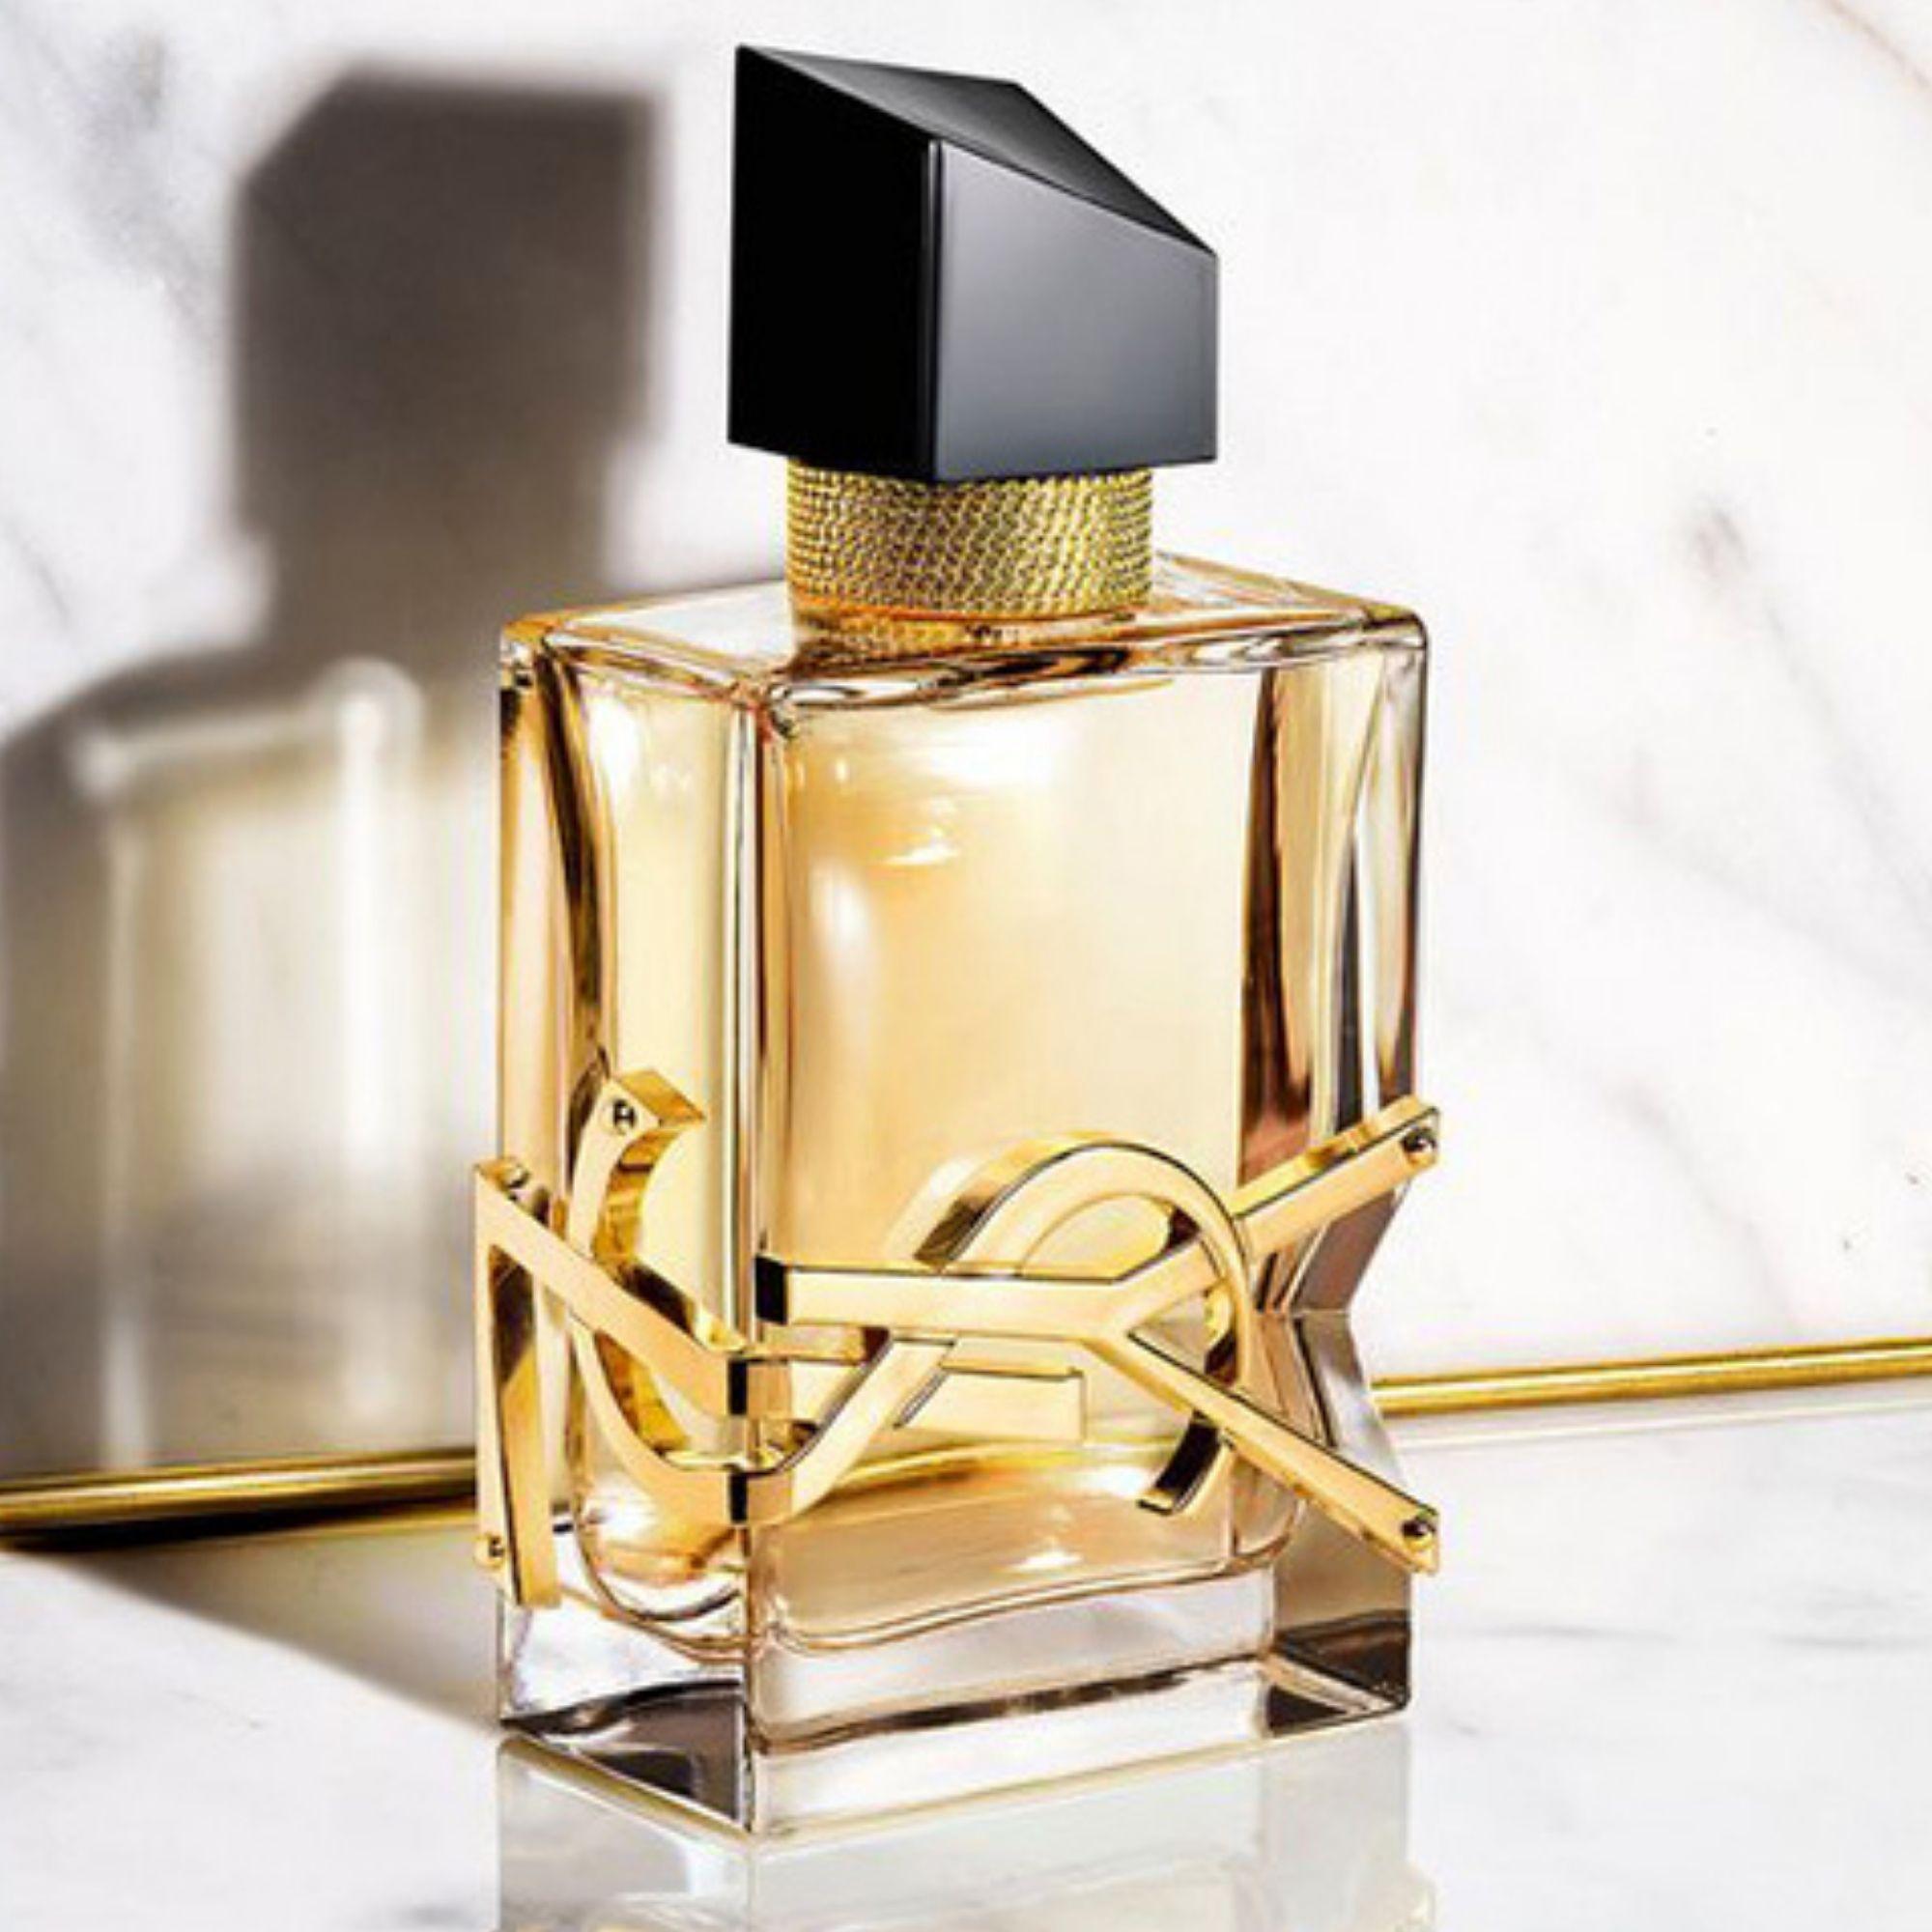 Saint Laurent Perfume